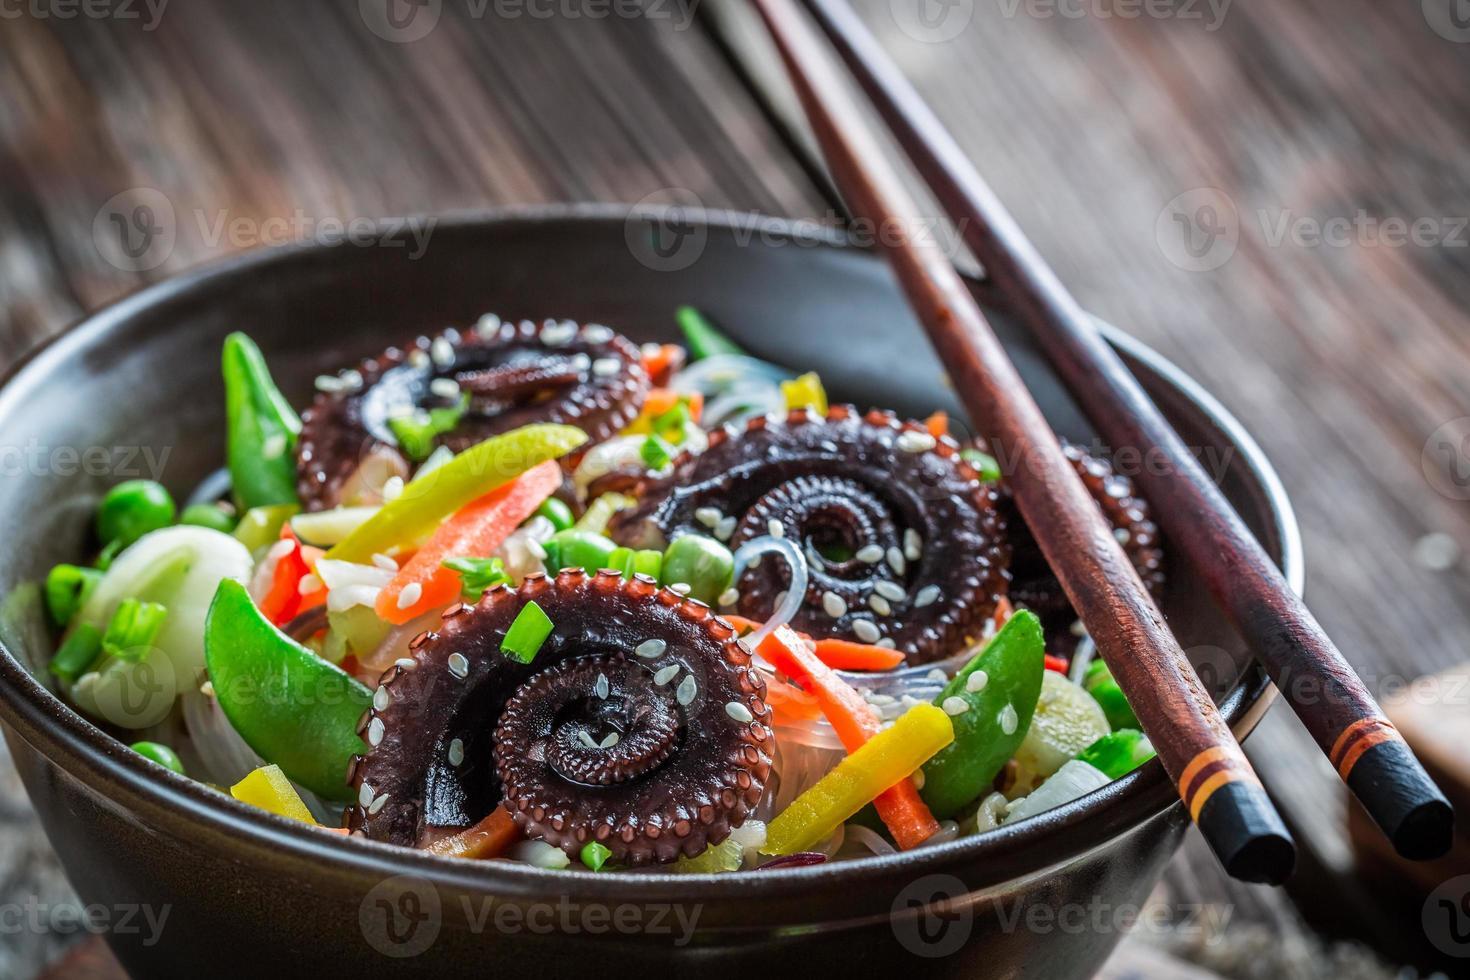 Tintenfisch serviert mit Gemüse und Nudeln foto